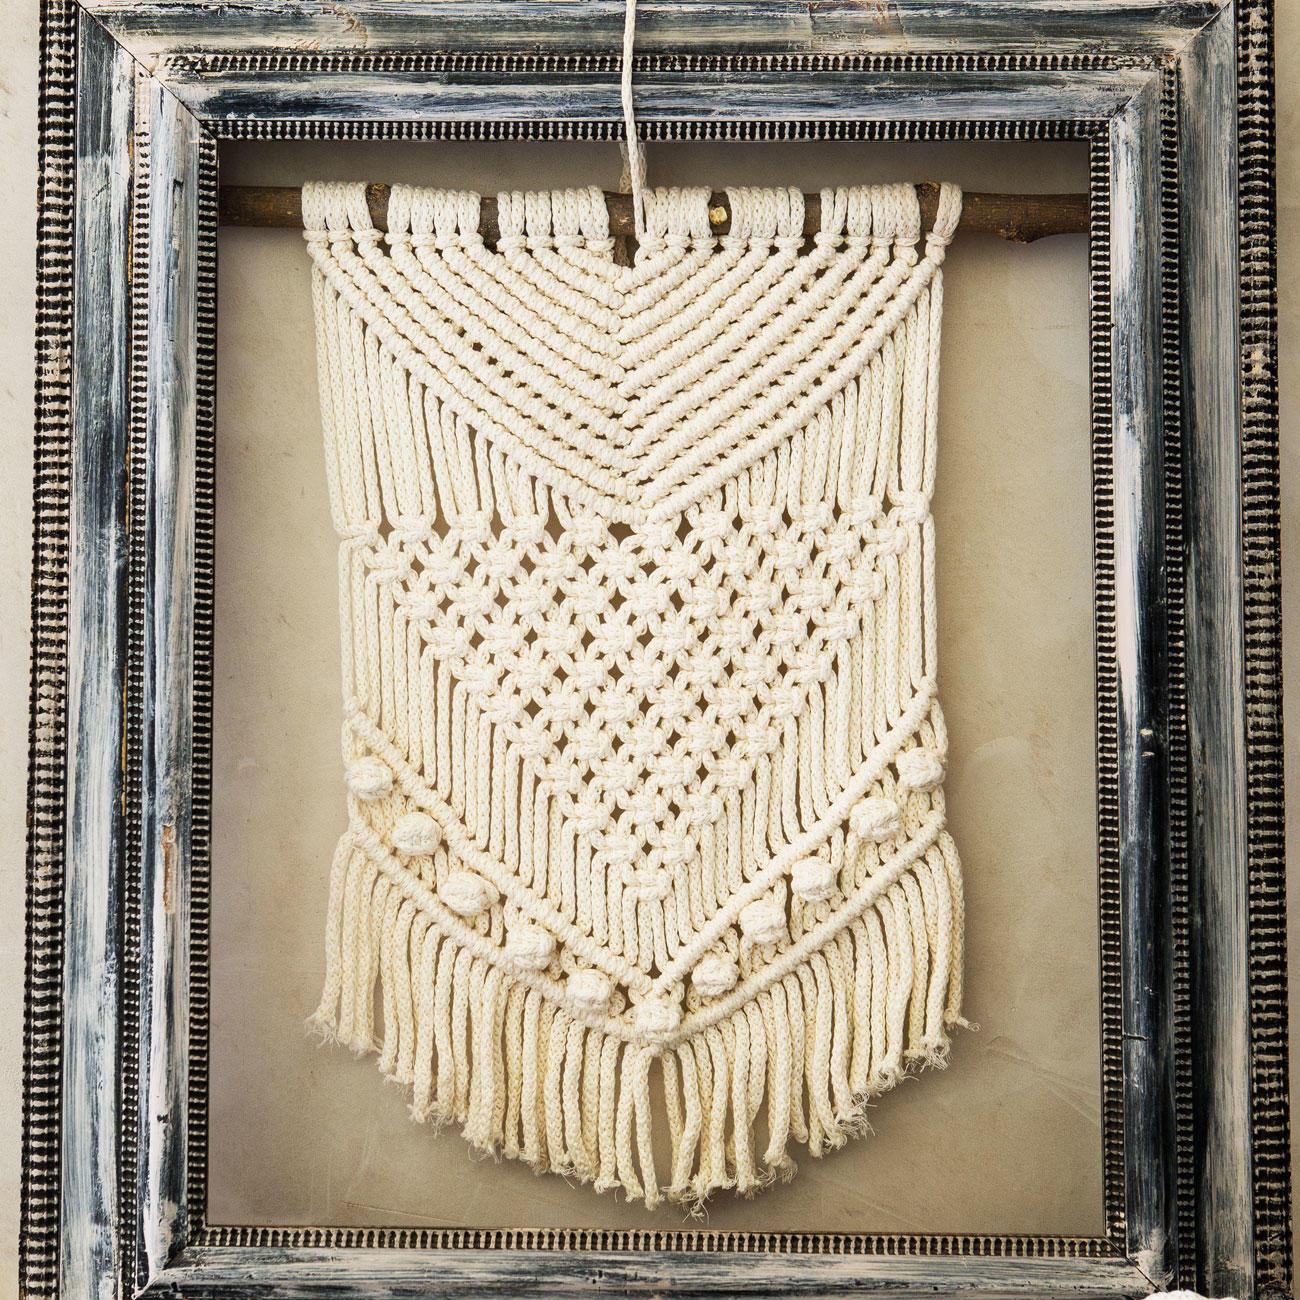 Wandbehang Nähen Anleitung.Anleitung 104 9 Makramee Wandbehang Aus Scuby Cotton Von Katia 1